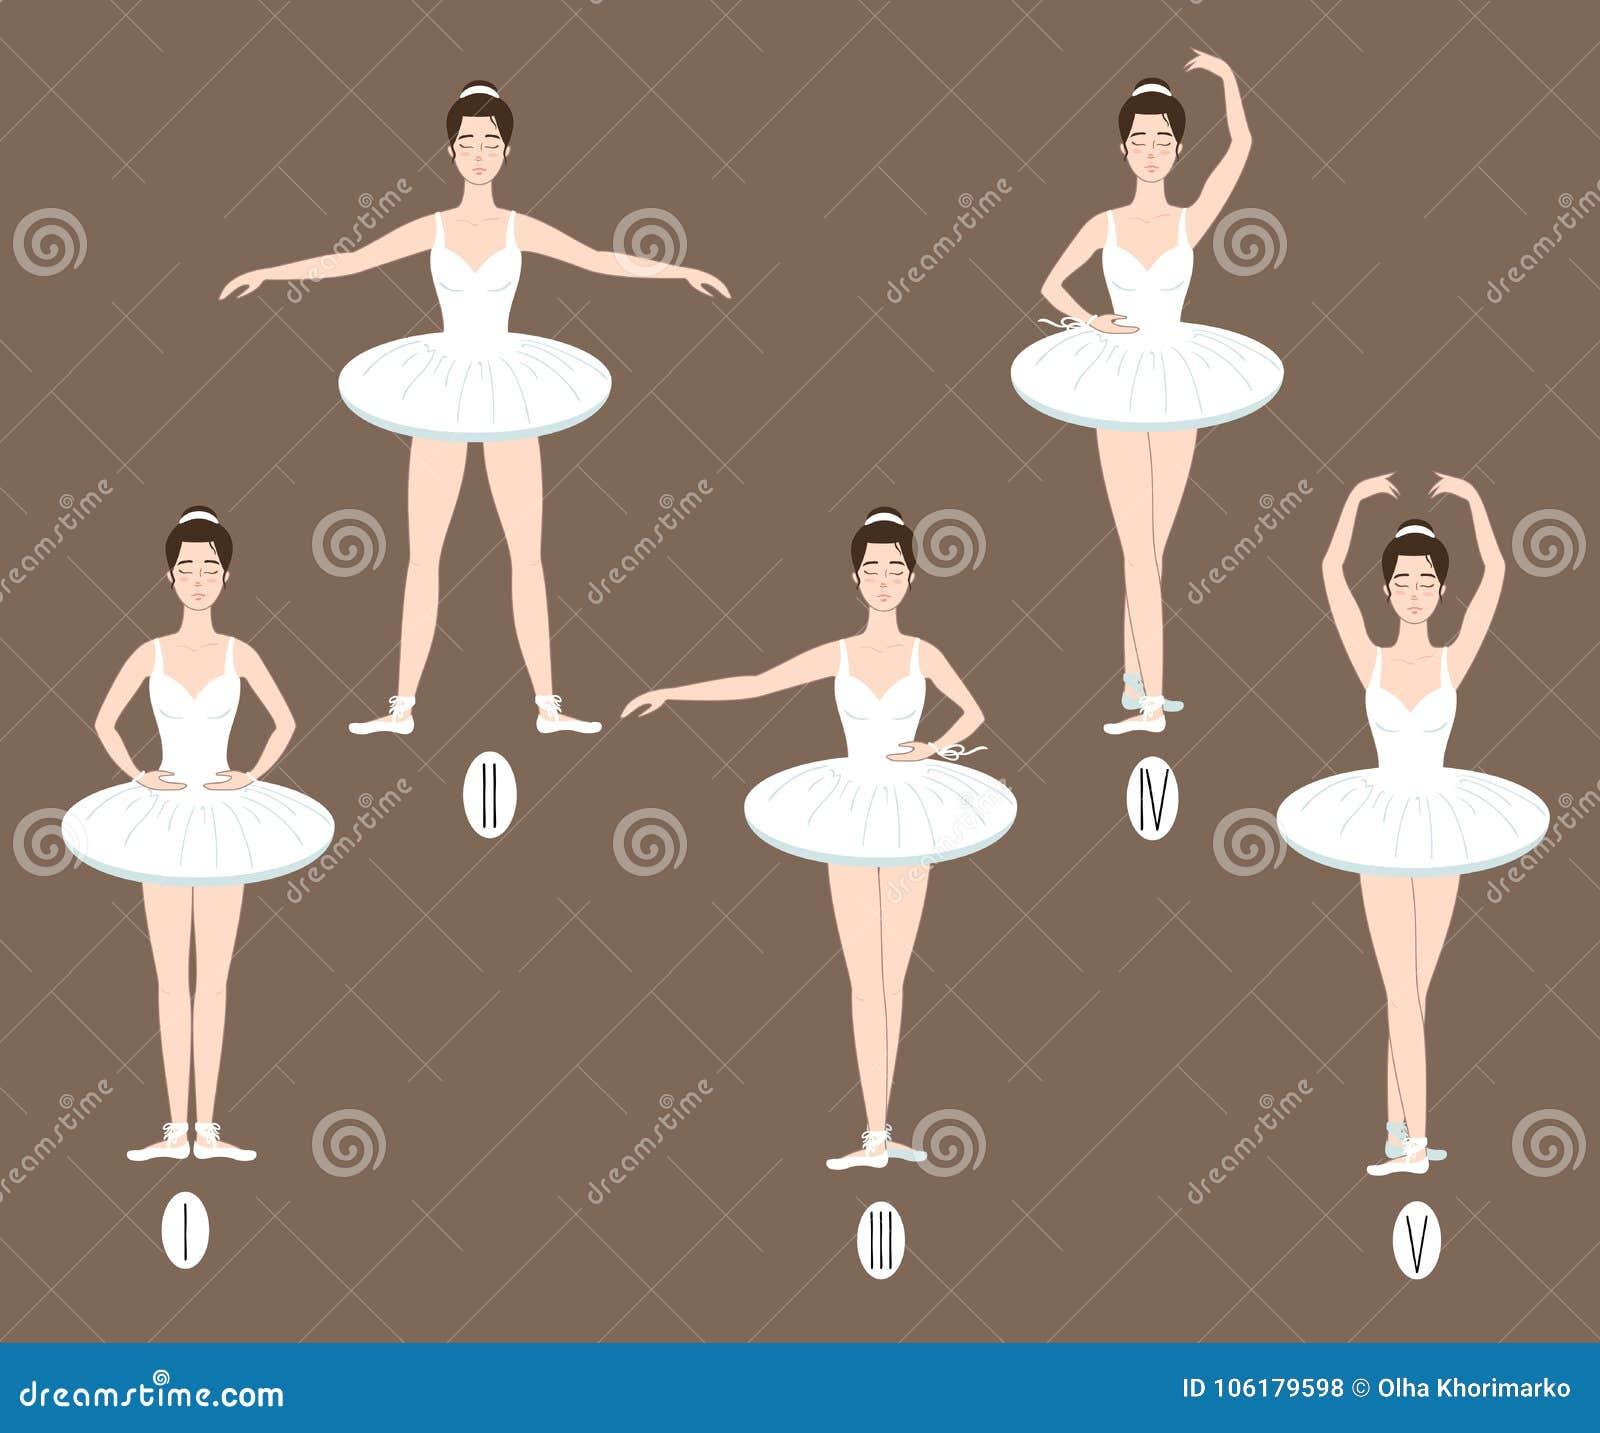 Il giovane ballerino esegue le cinque posizioni di balletto di base,